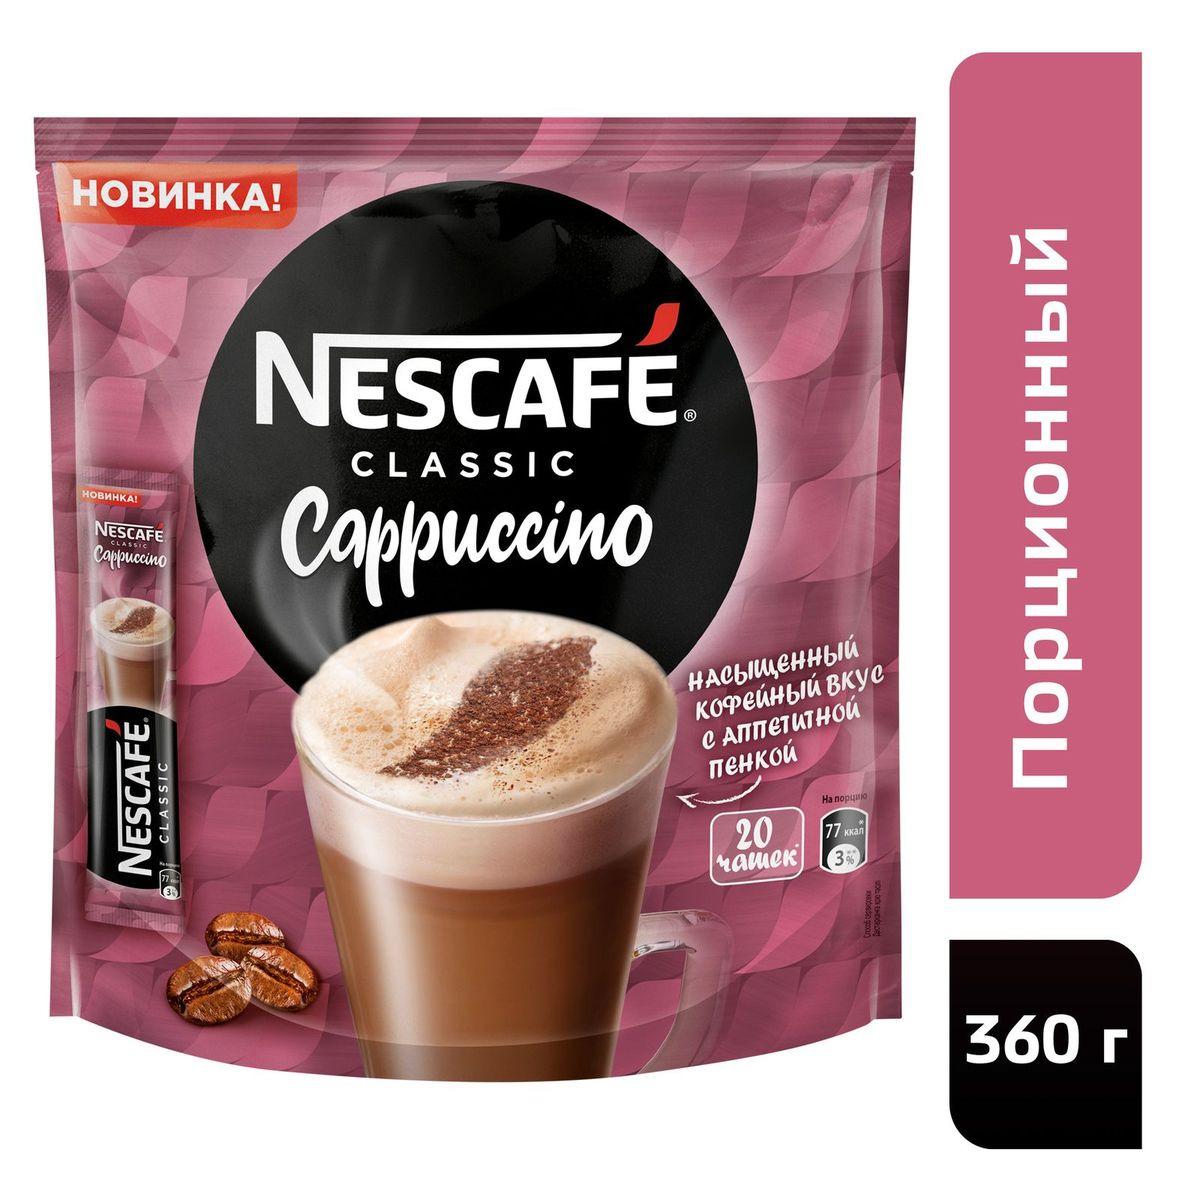 Кофейный напиток Nescafe Classic Cappuccino, растворимый, 18 г